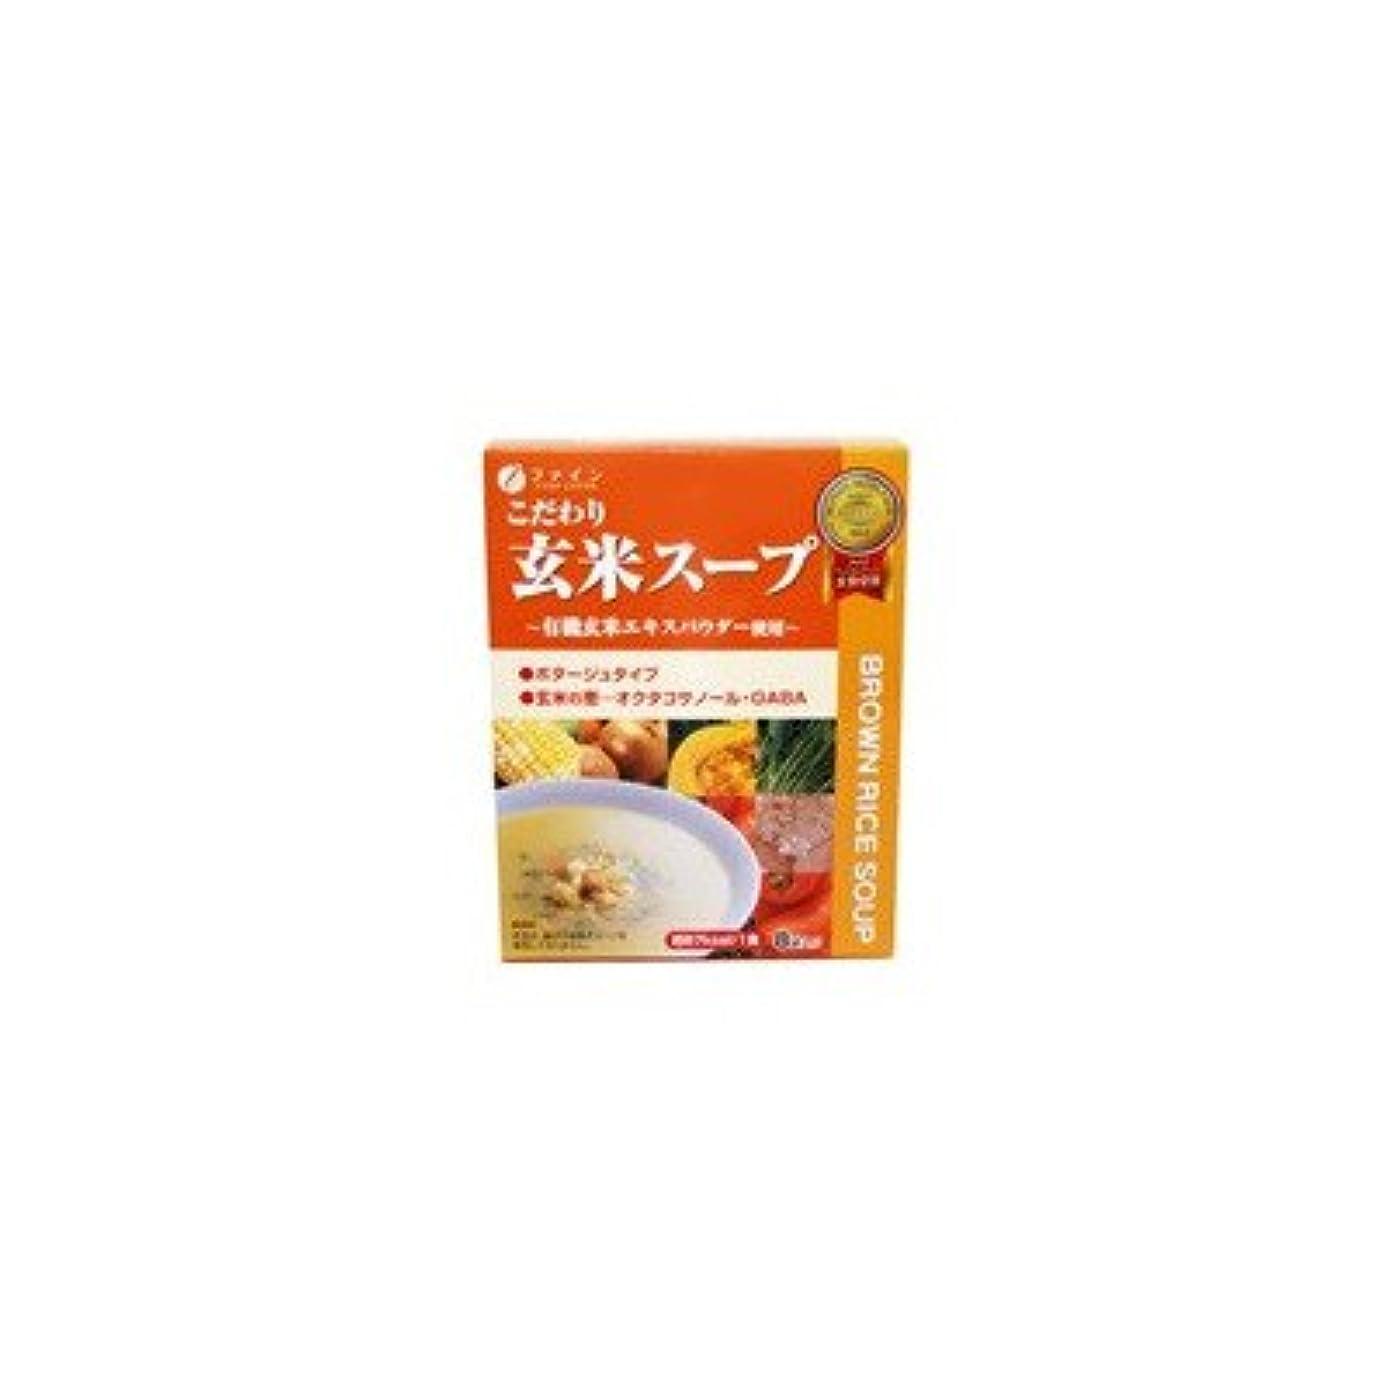 アーティファクトしたい慎重ファイン 203399 こだわり玄米スープ(8食入り)